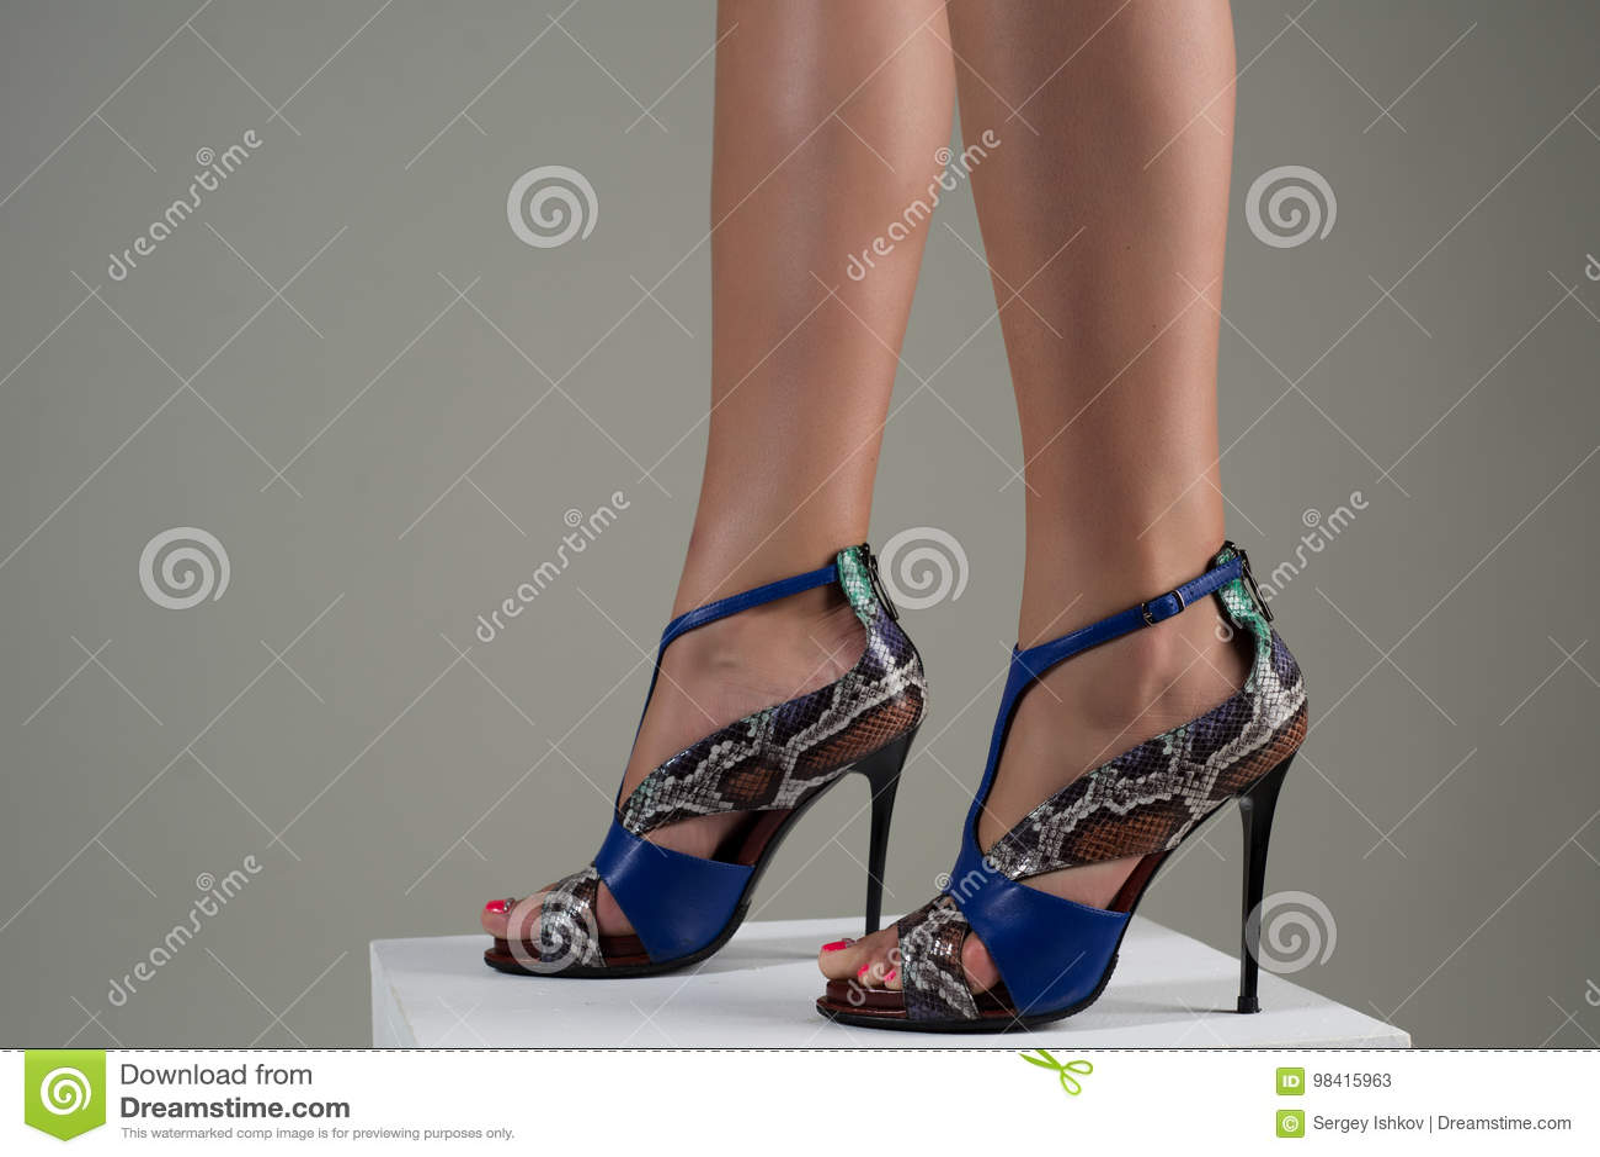 jolie pieds en sandales talons hauts